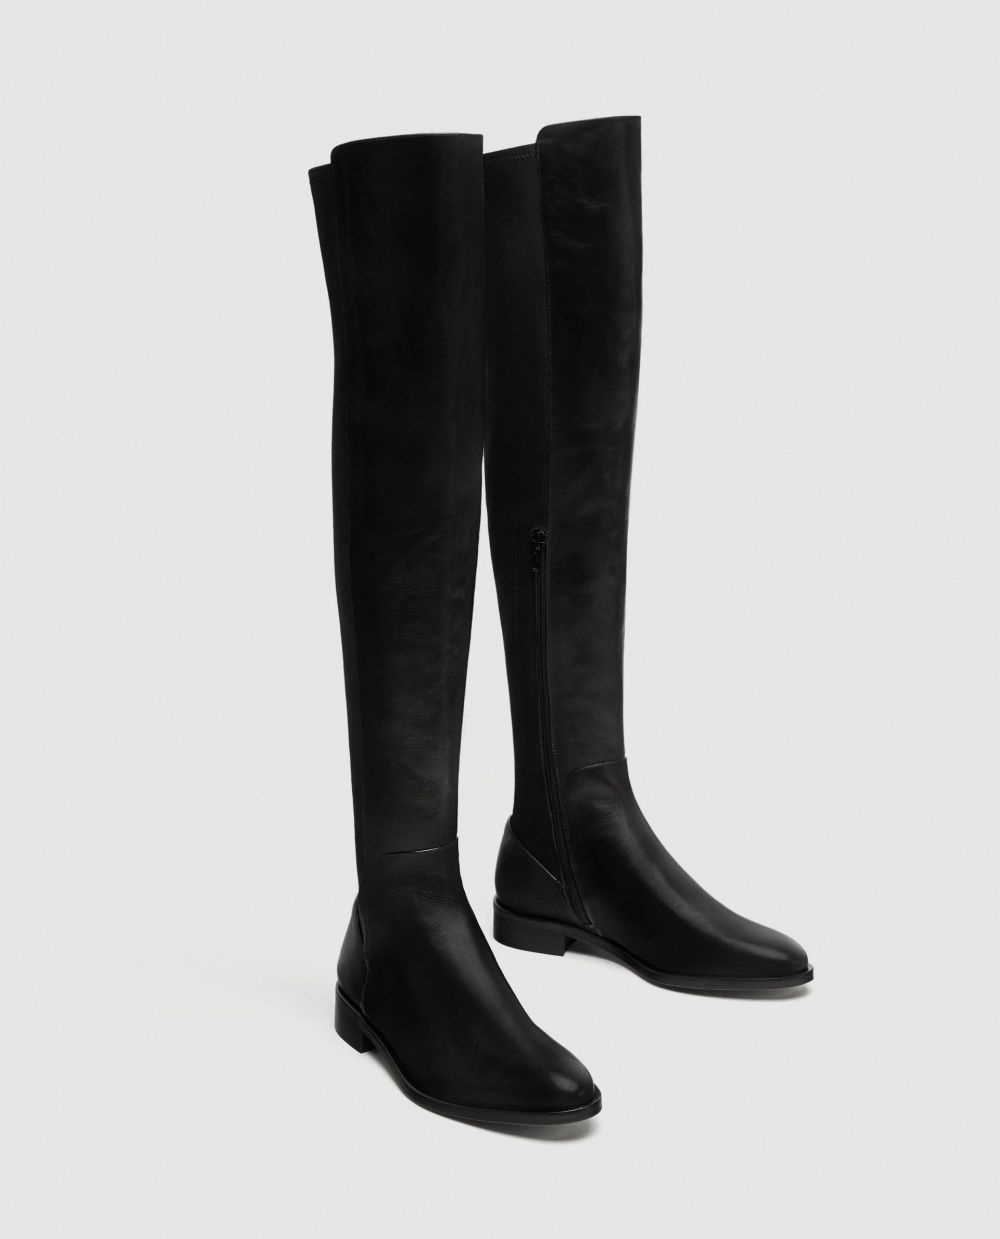 Bota de piel negra de Zara(99,95 euros)